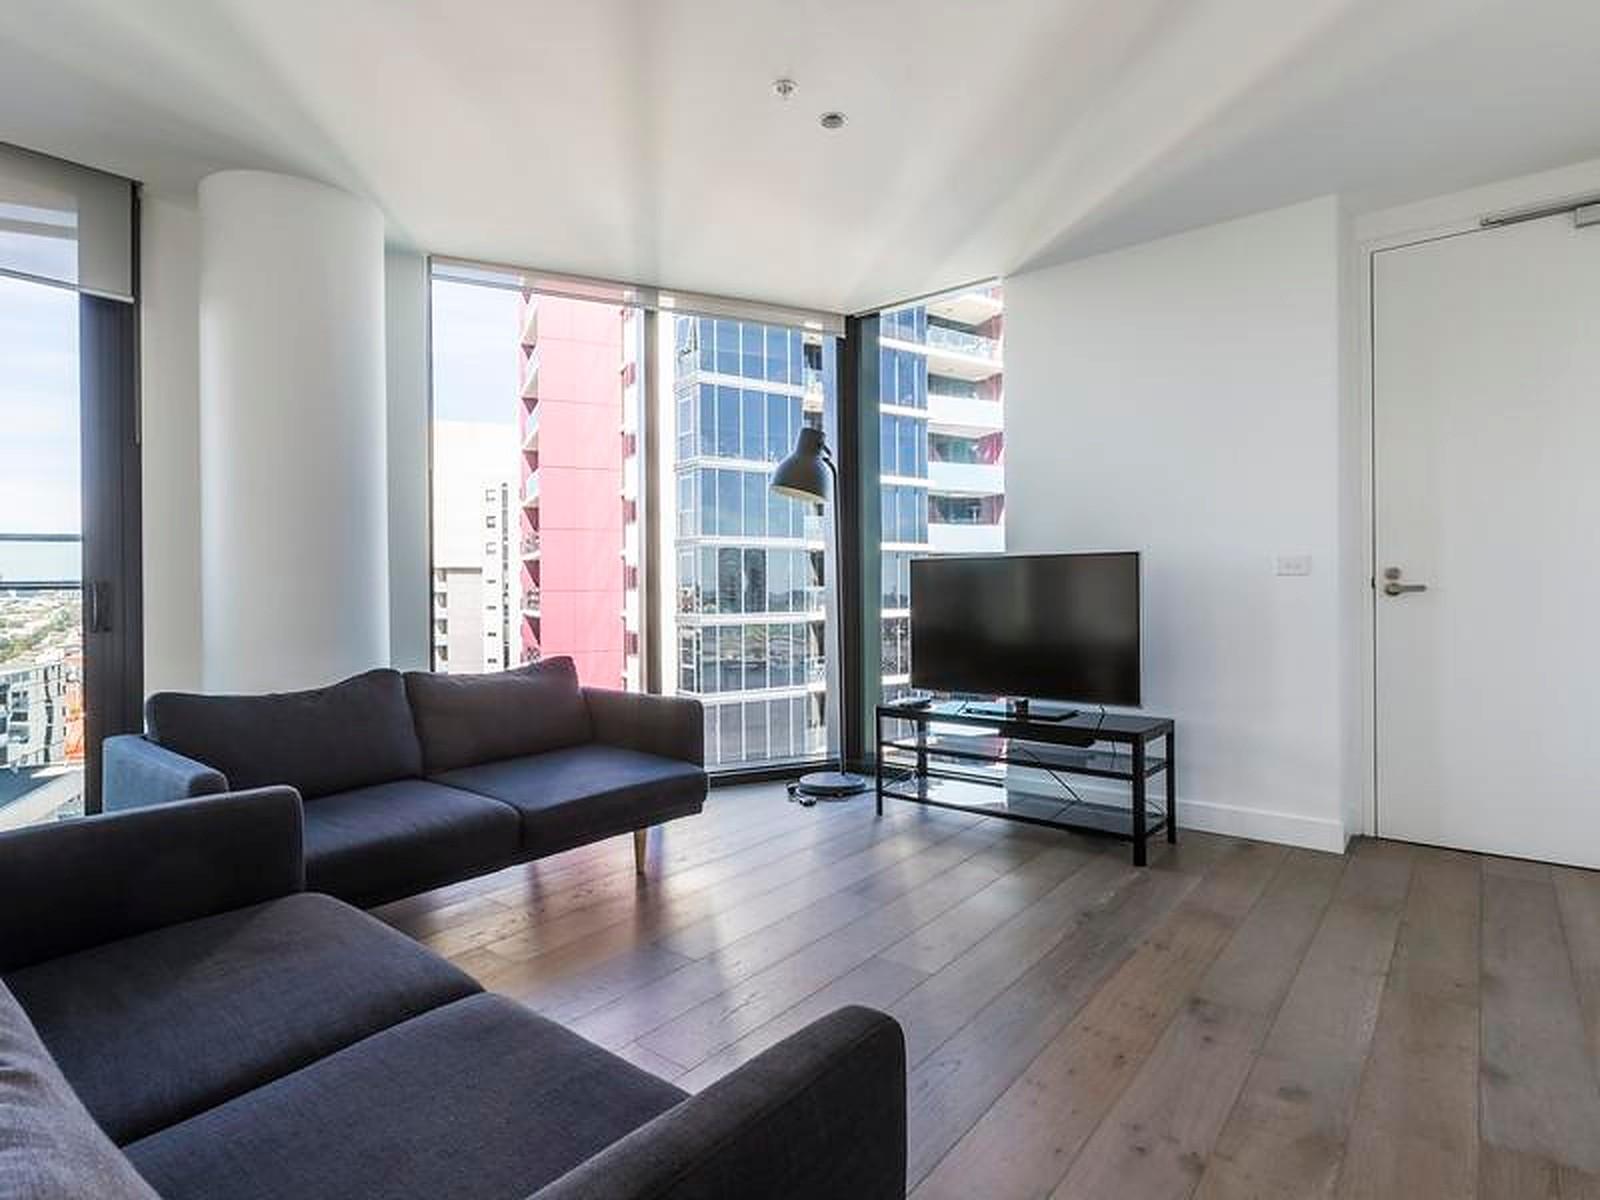 Ferienwohnung  (2781427), Melbourne, , Victoria, Australien, Bild 20